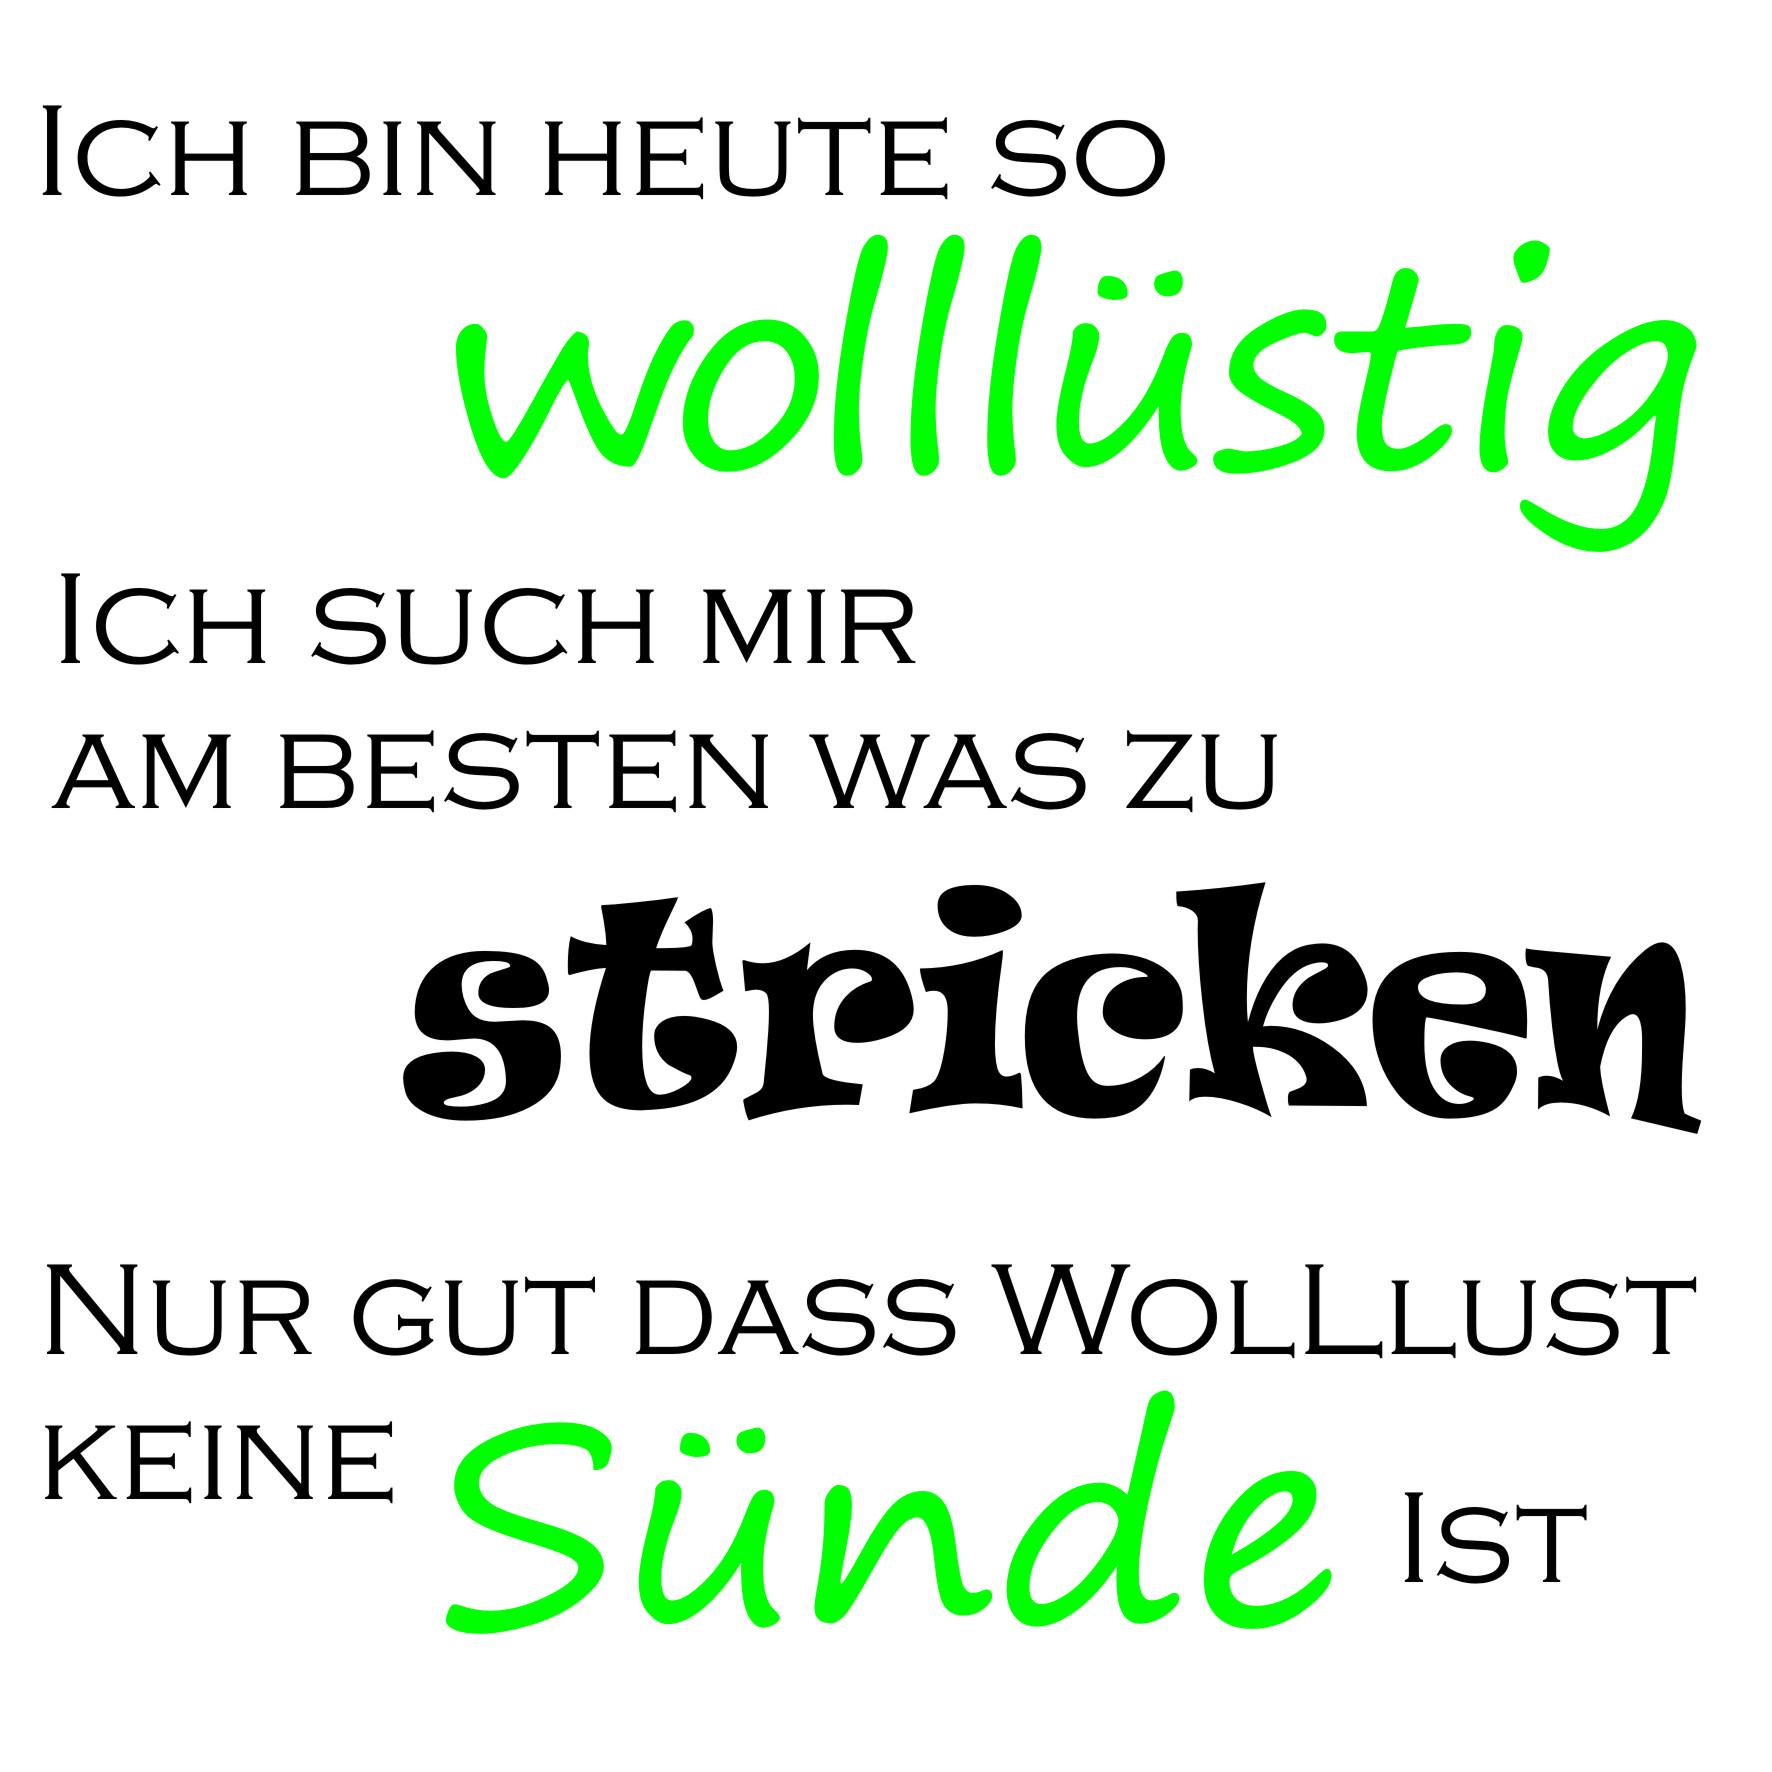 spruch_wolle3